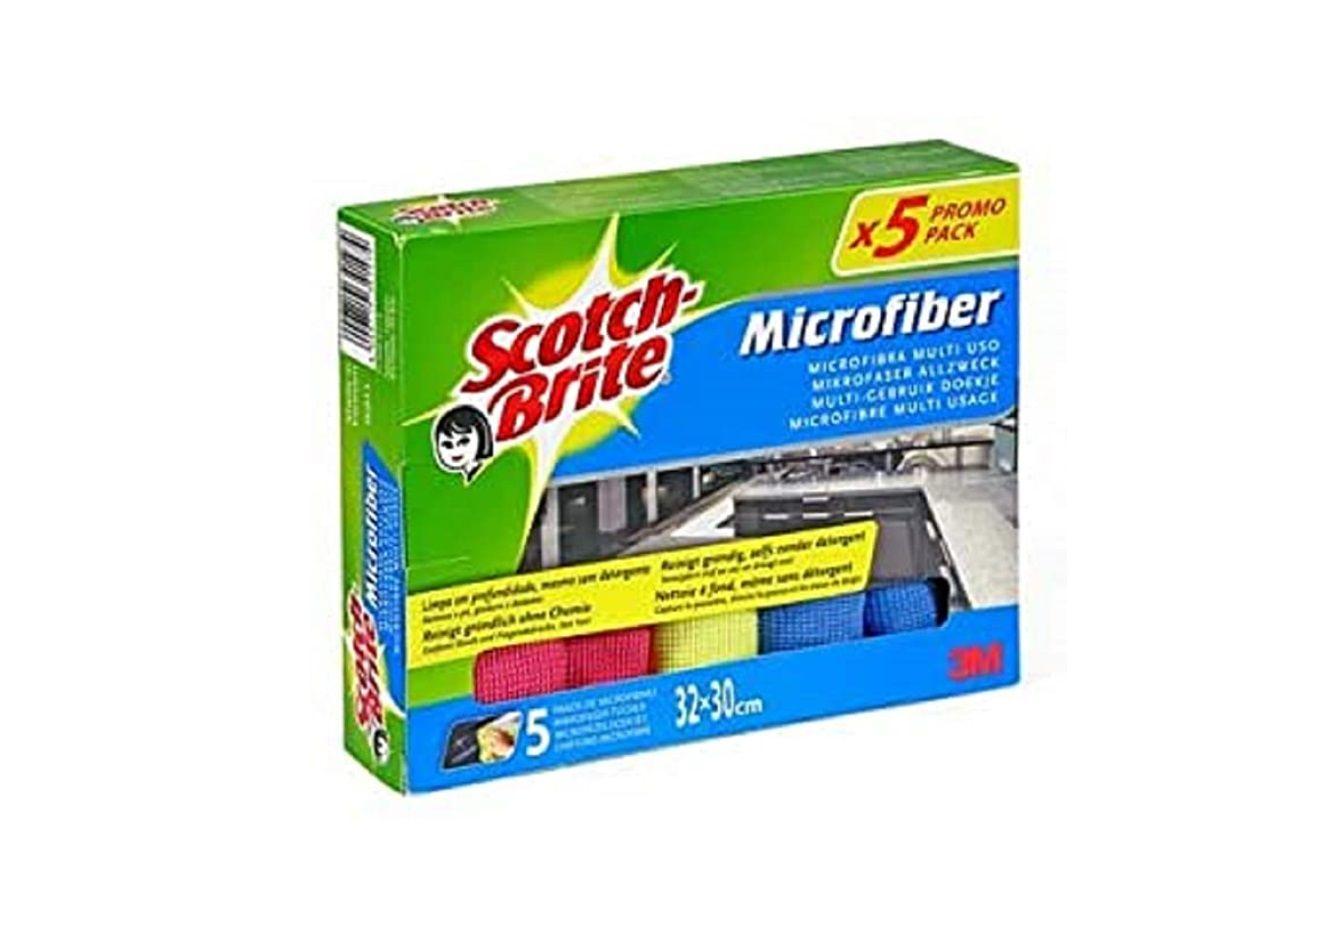 En este momento estás viendo ¡Chollito! 5 bayetas de microfibra Scotch Brite por sólo 3,26€ (antes 5,99€)